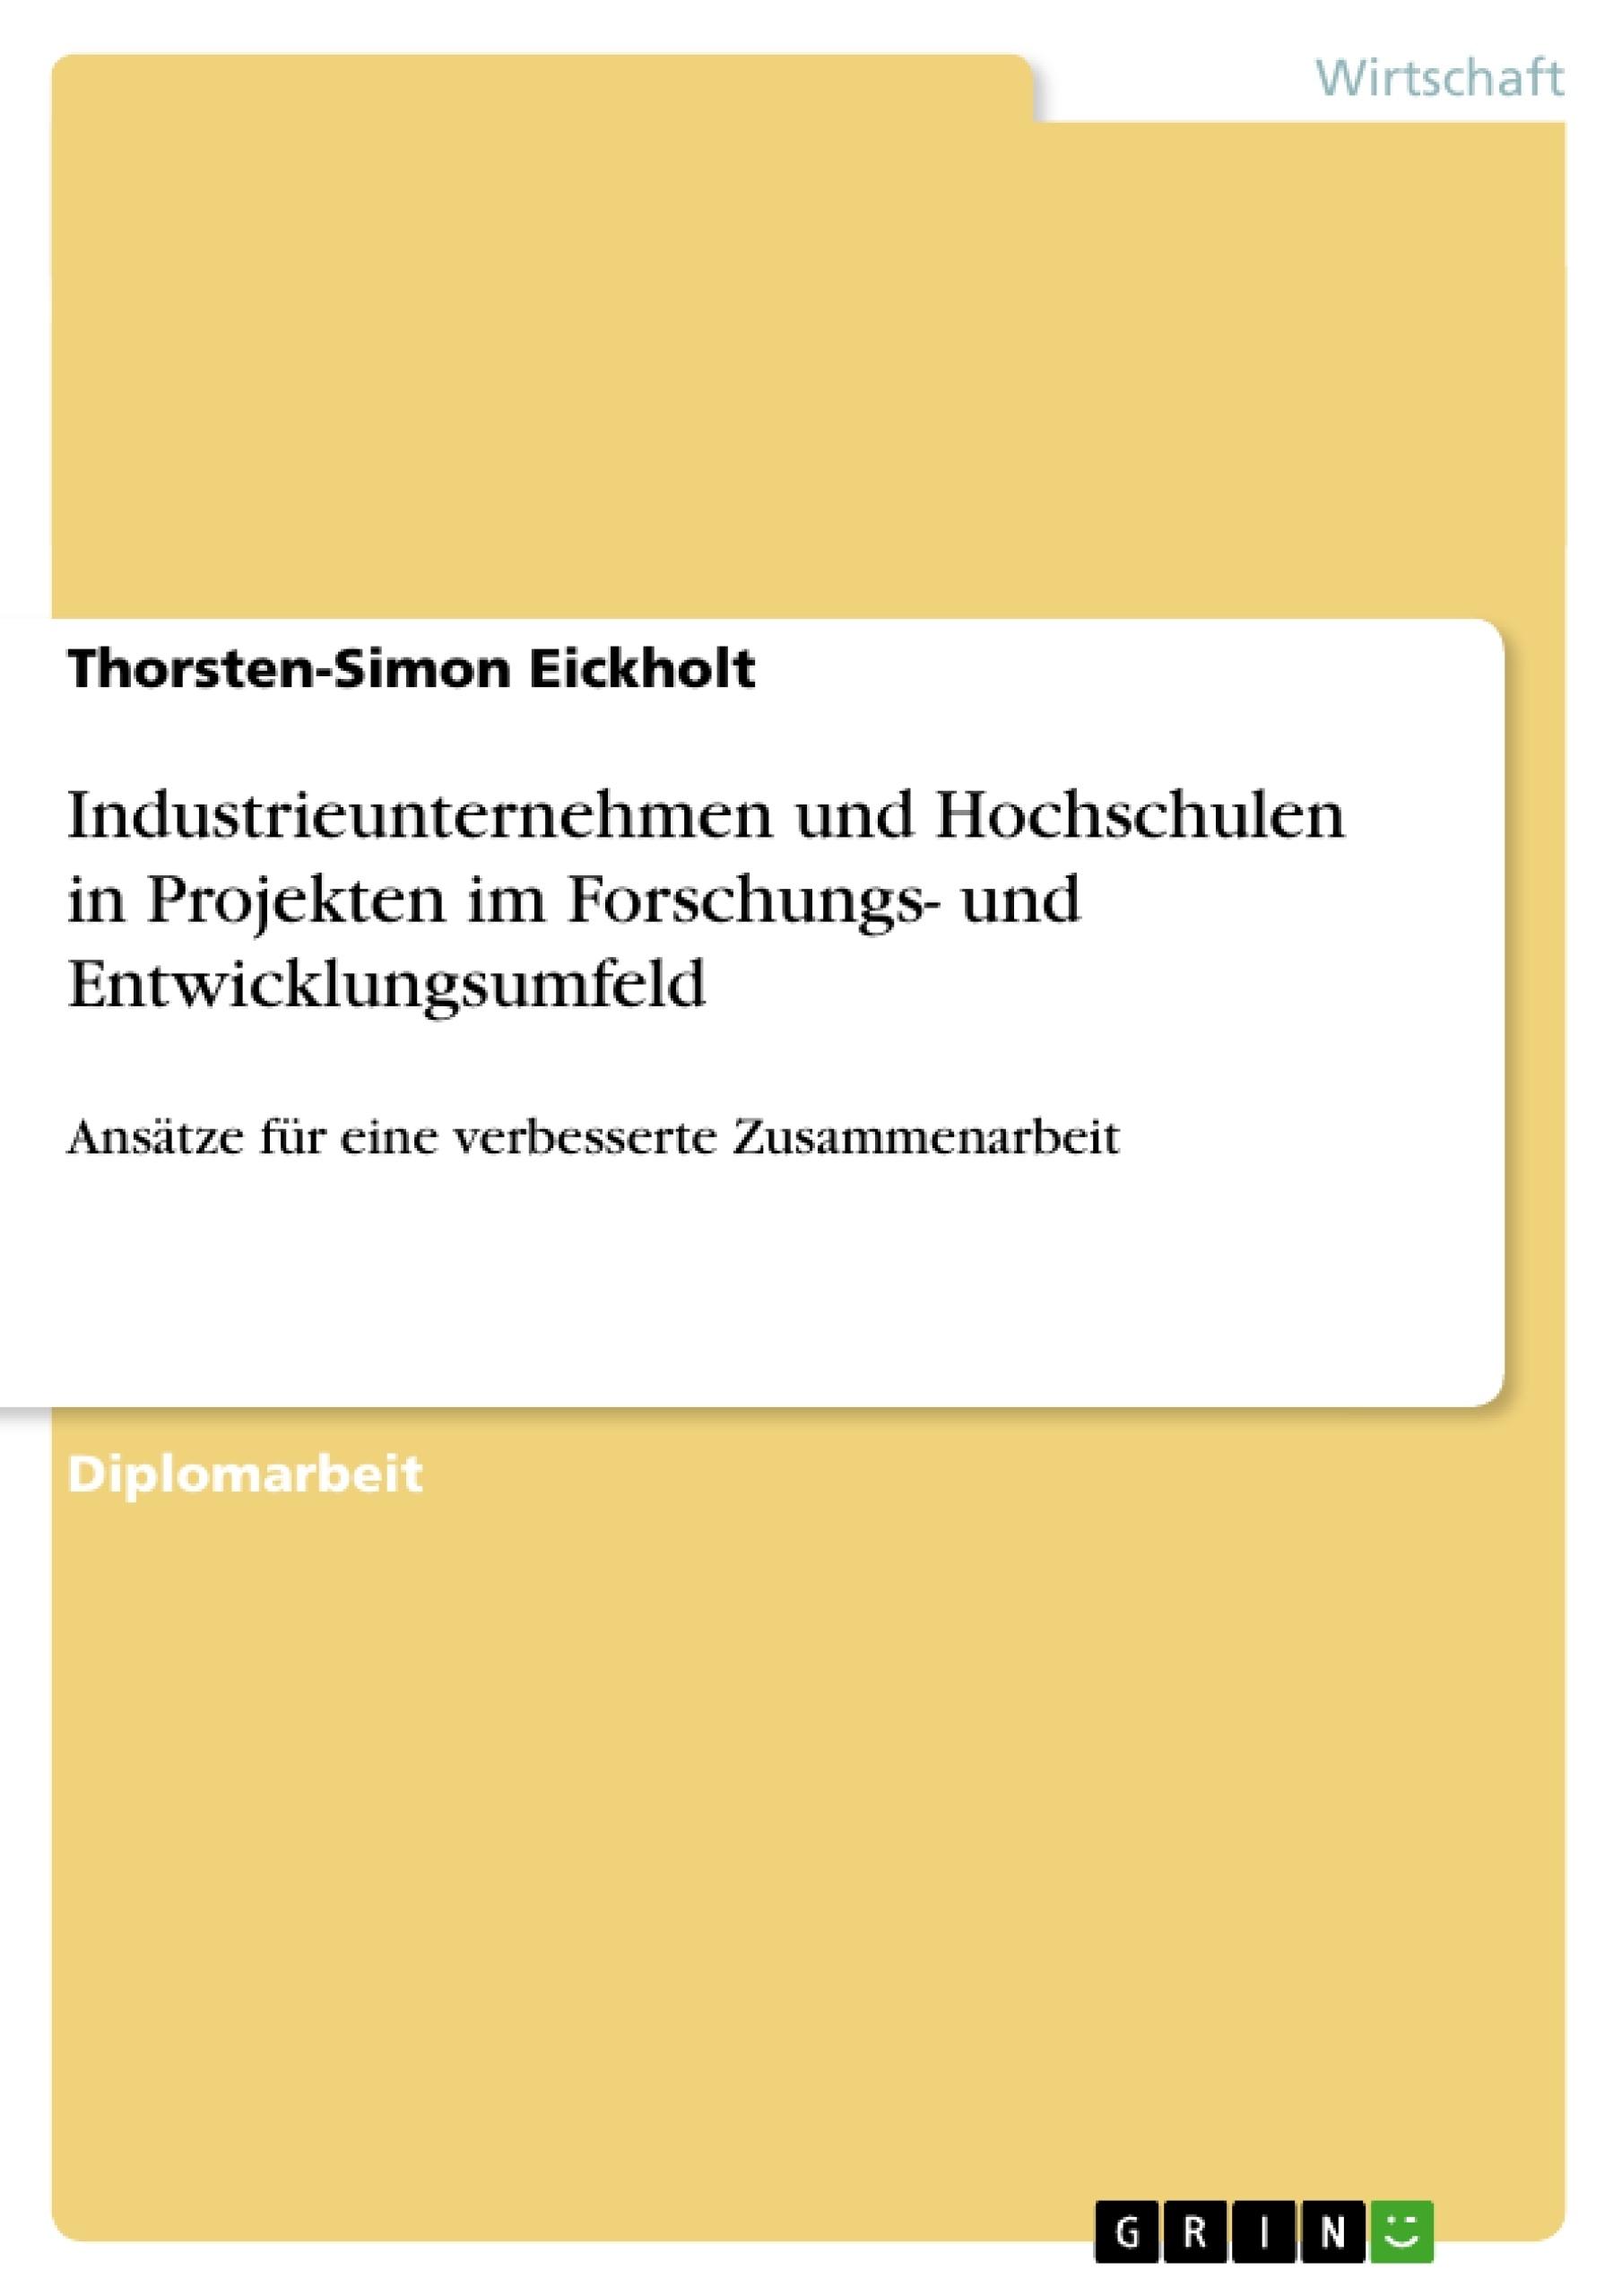 Titel: Industrieunternehmen und Hochschulen in Projekten im Forschungs- und Entwicklungsumfeld